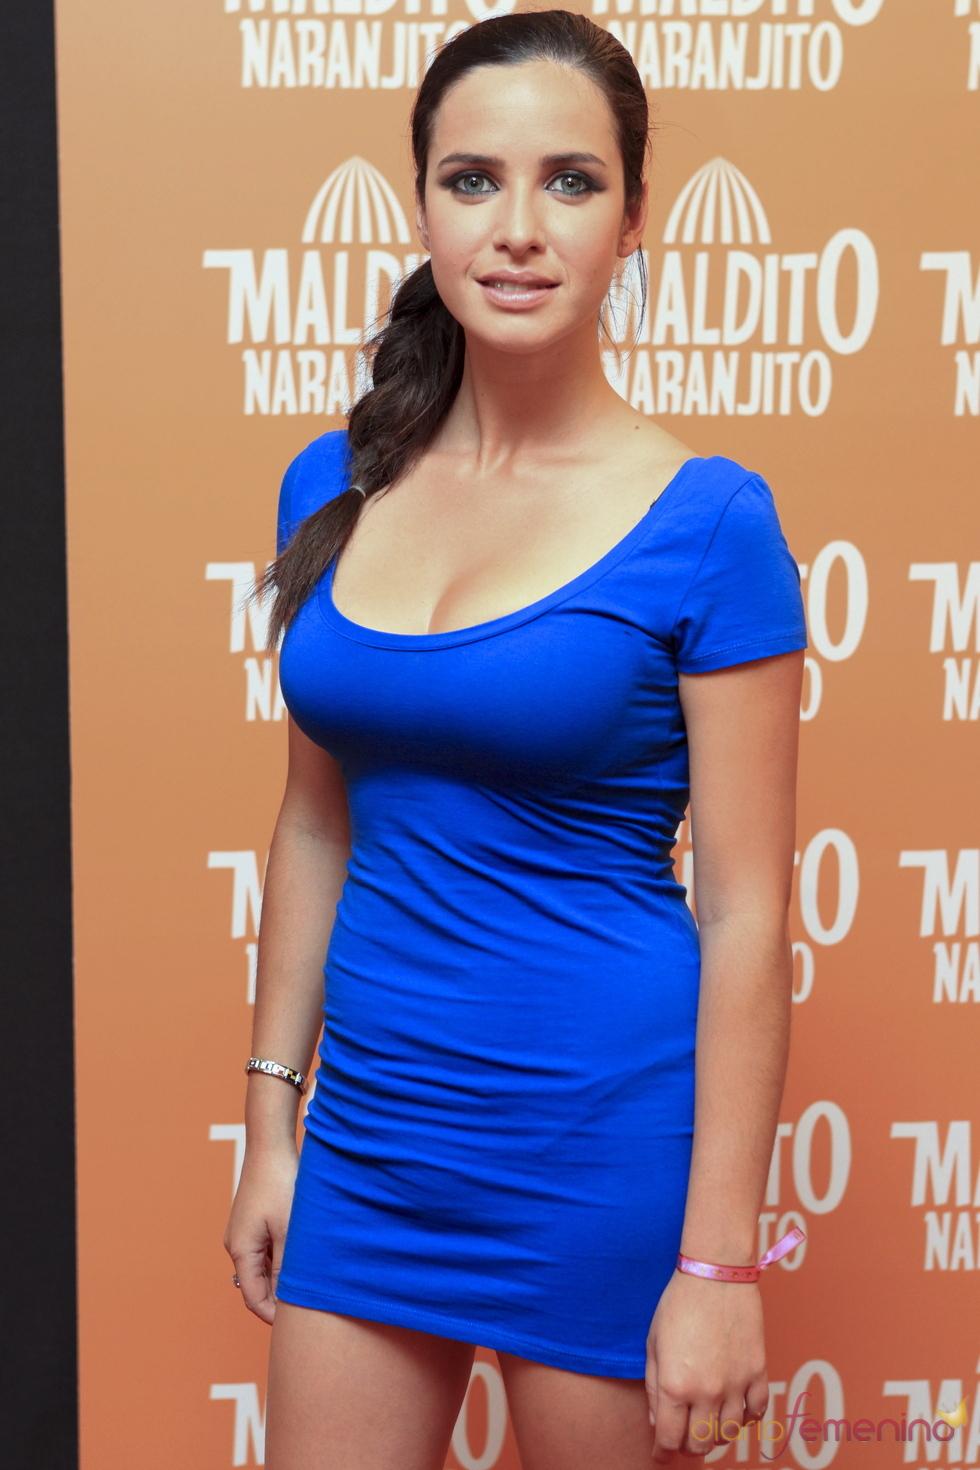 Paula Prendes en el estreno de 'Maldito naranjito'